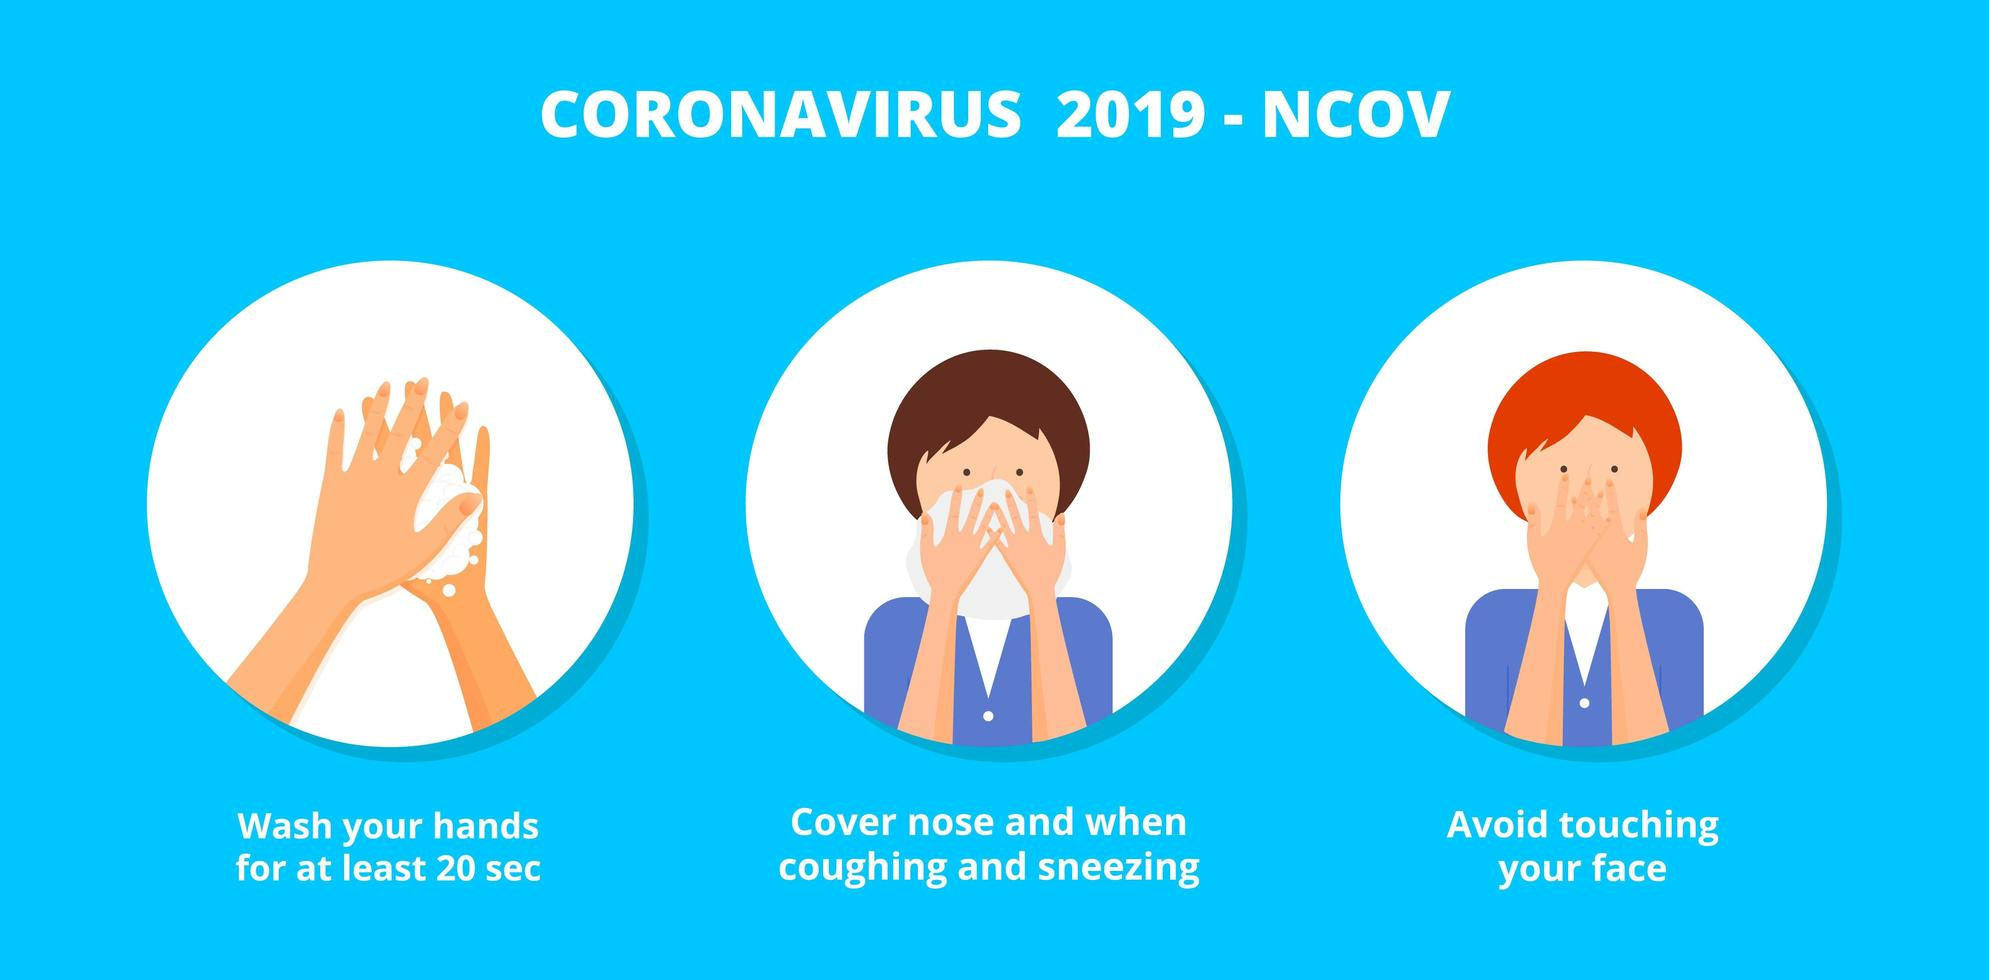 infographie des méthodes de prévention du coronavirus covid-19. vecteur